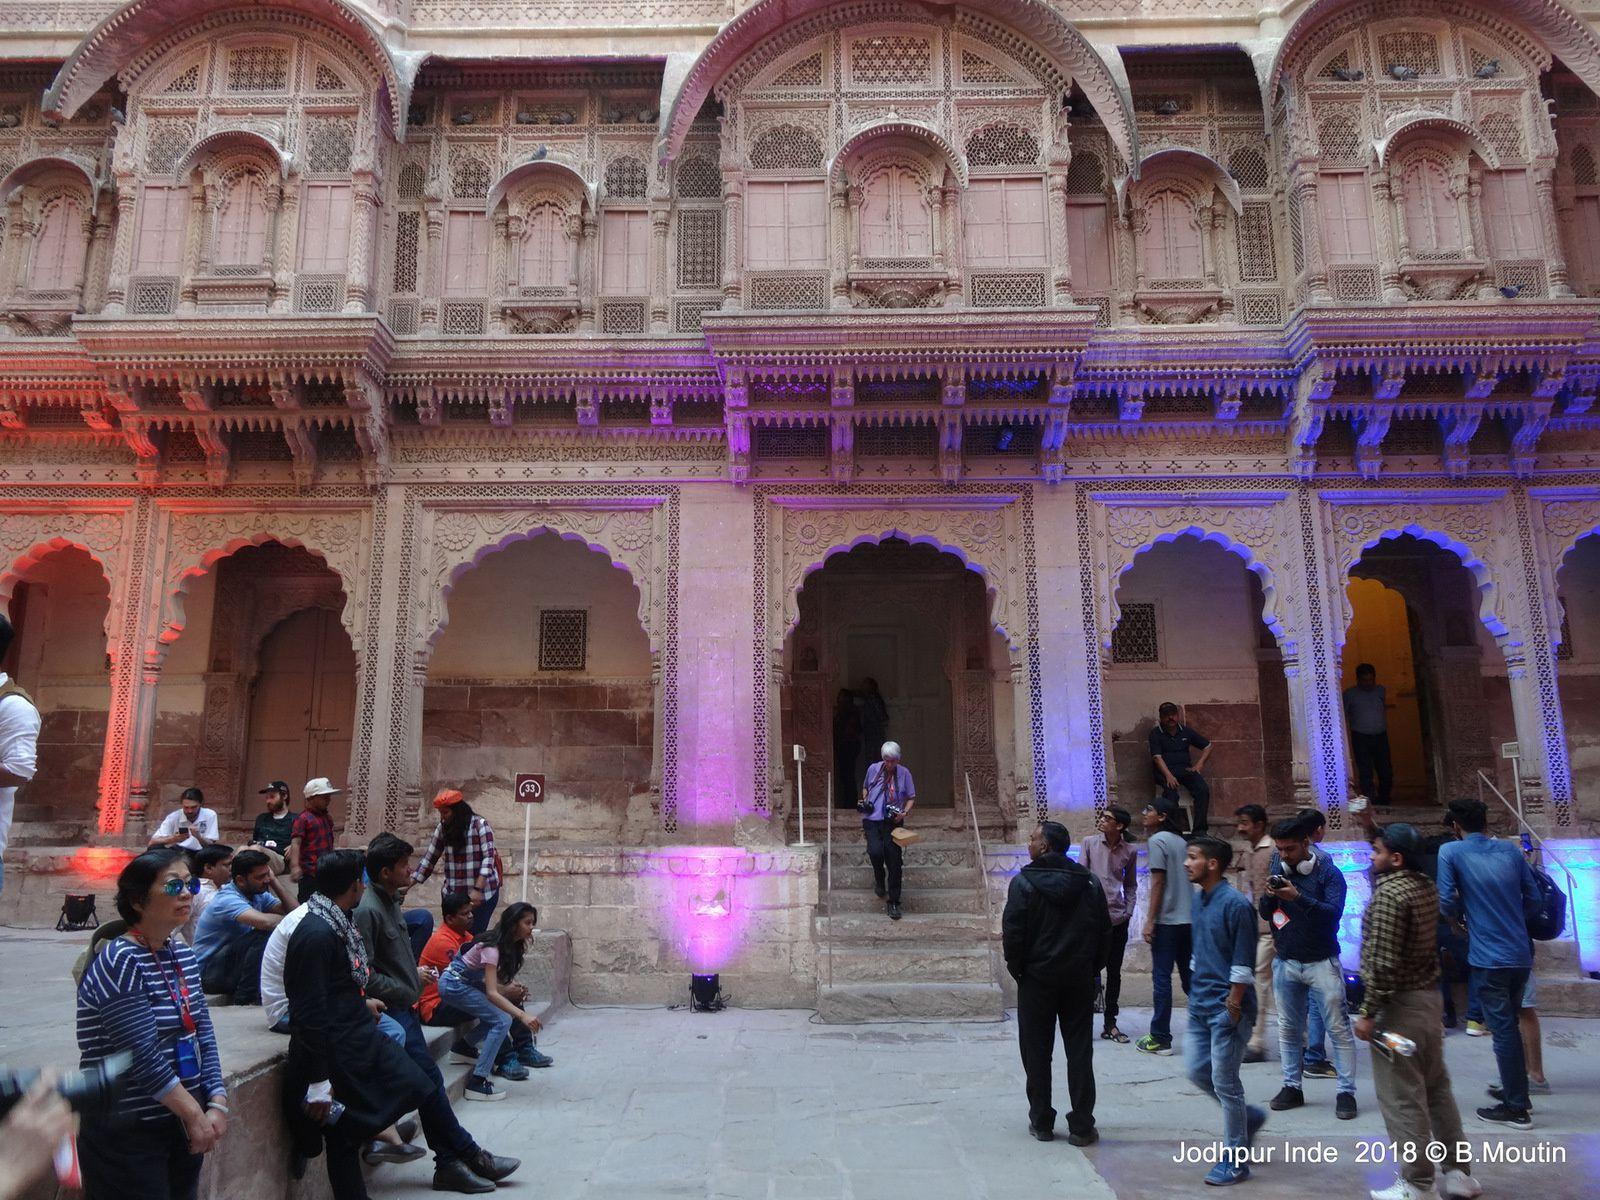 L'intérieur du Fort de Jodhpur au Rajastahan (13 photos)